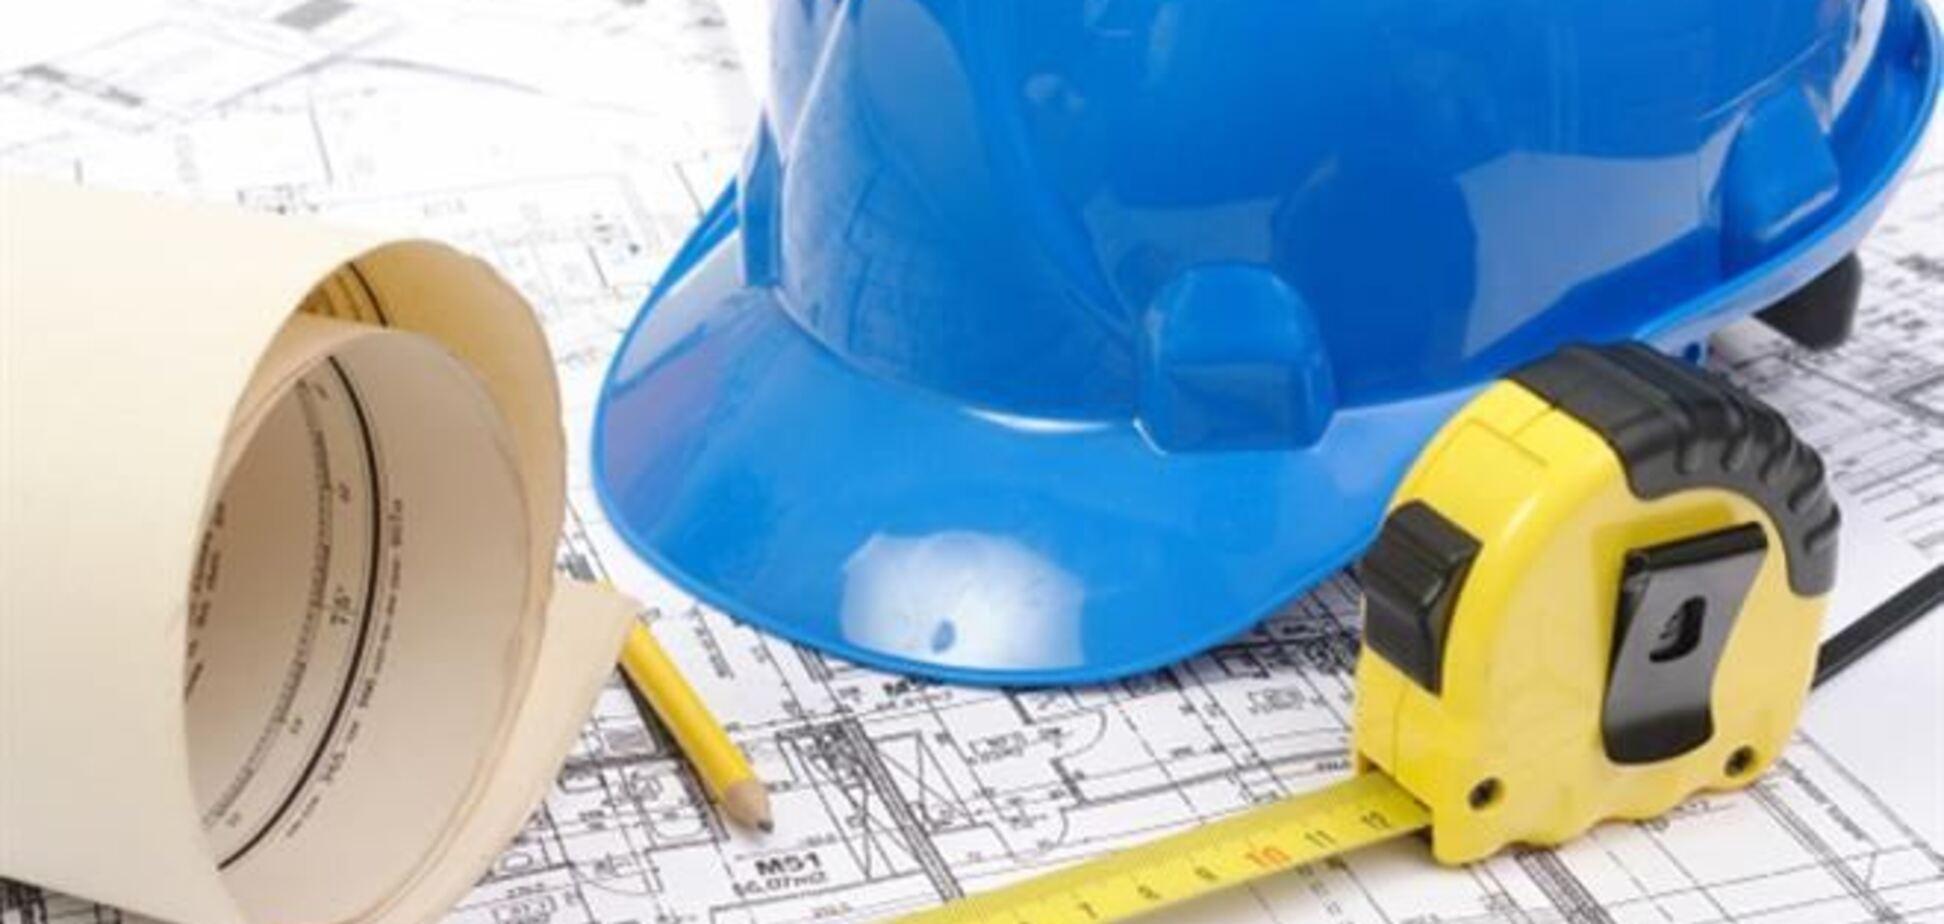 Doing Business-2014: Украина поднялась сразу на 145 позиций в получении разрешений на строительство